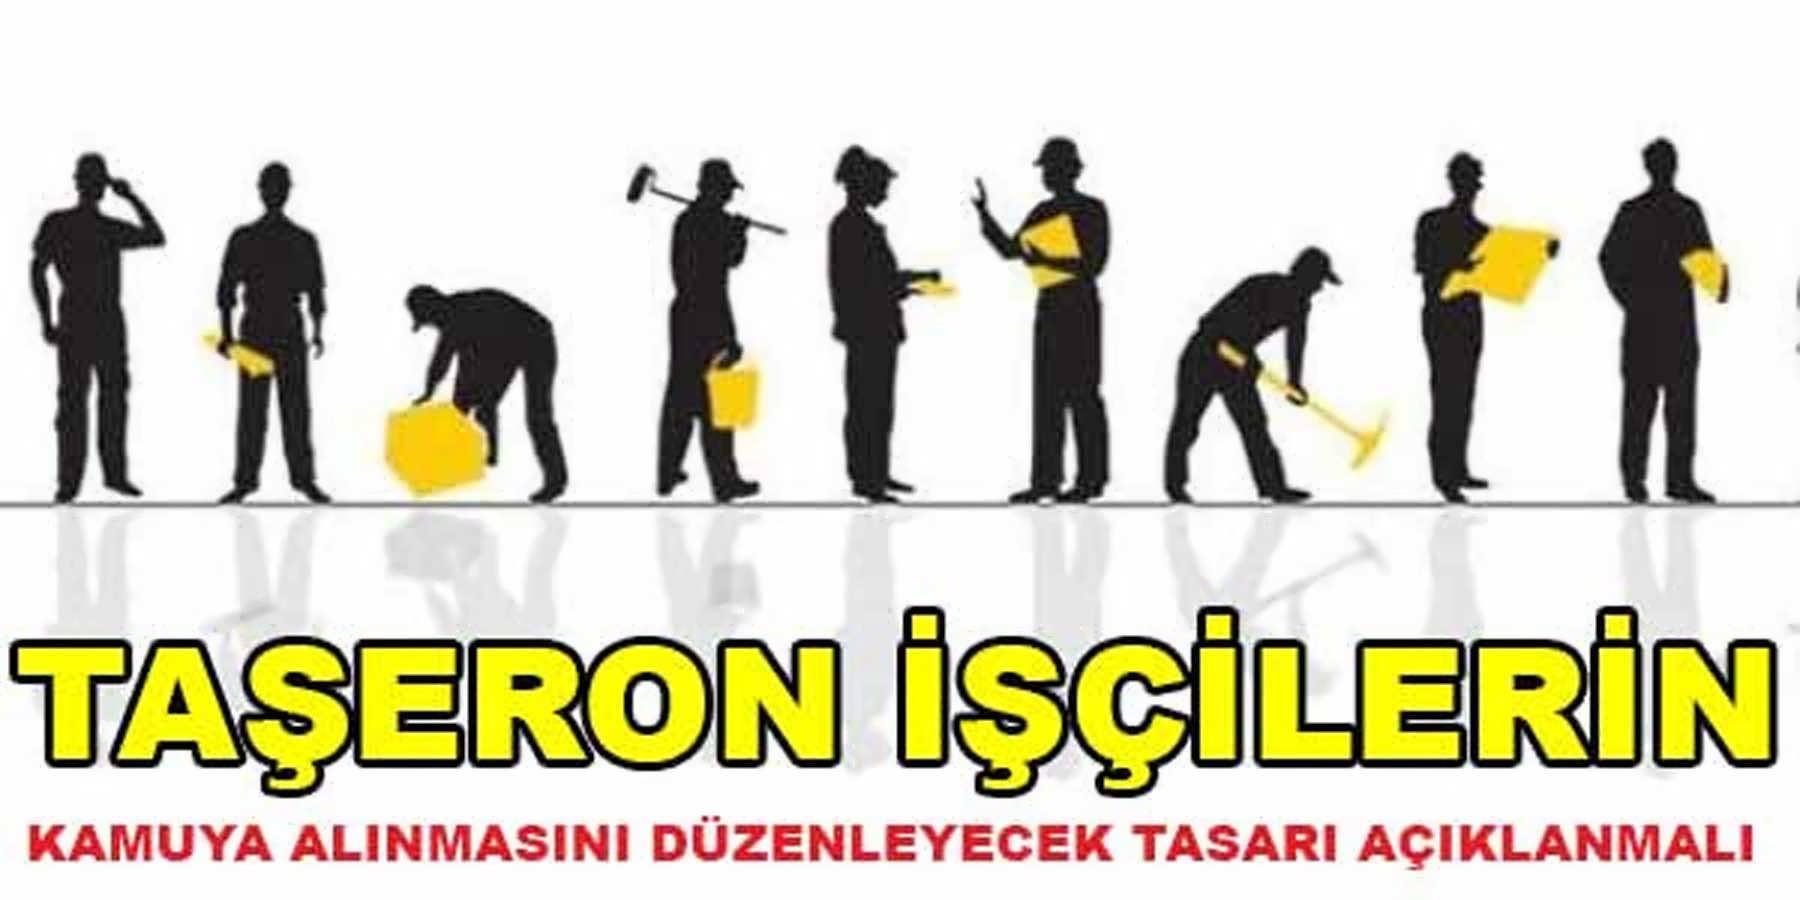 Taşeron İşçilerin Kamuya Alınmasını Düzenleyecek Tasarı TBMM'ye Gelmeli